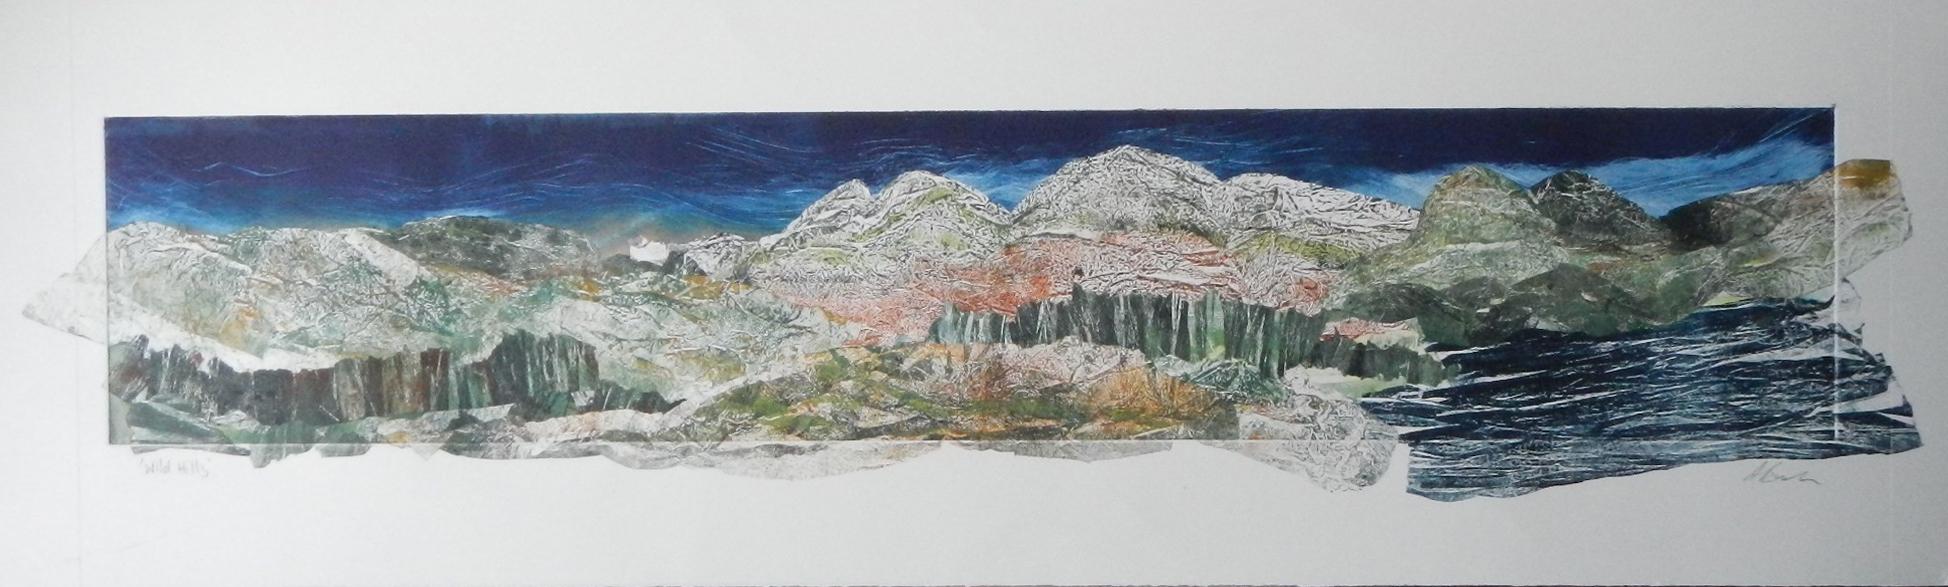 Adele Burson. 'Wild Hills' unframed